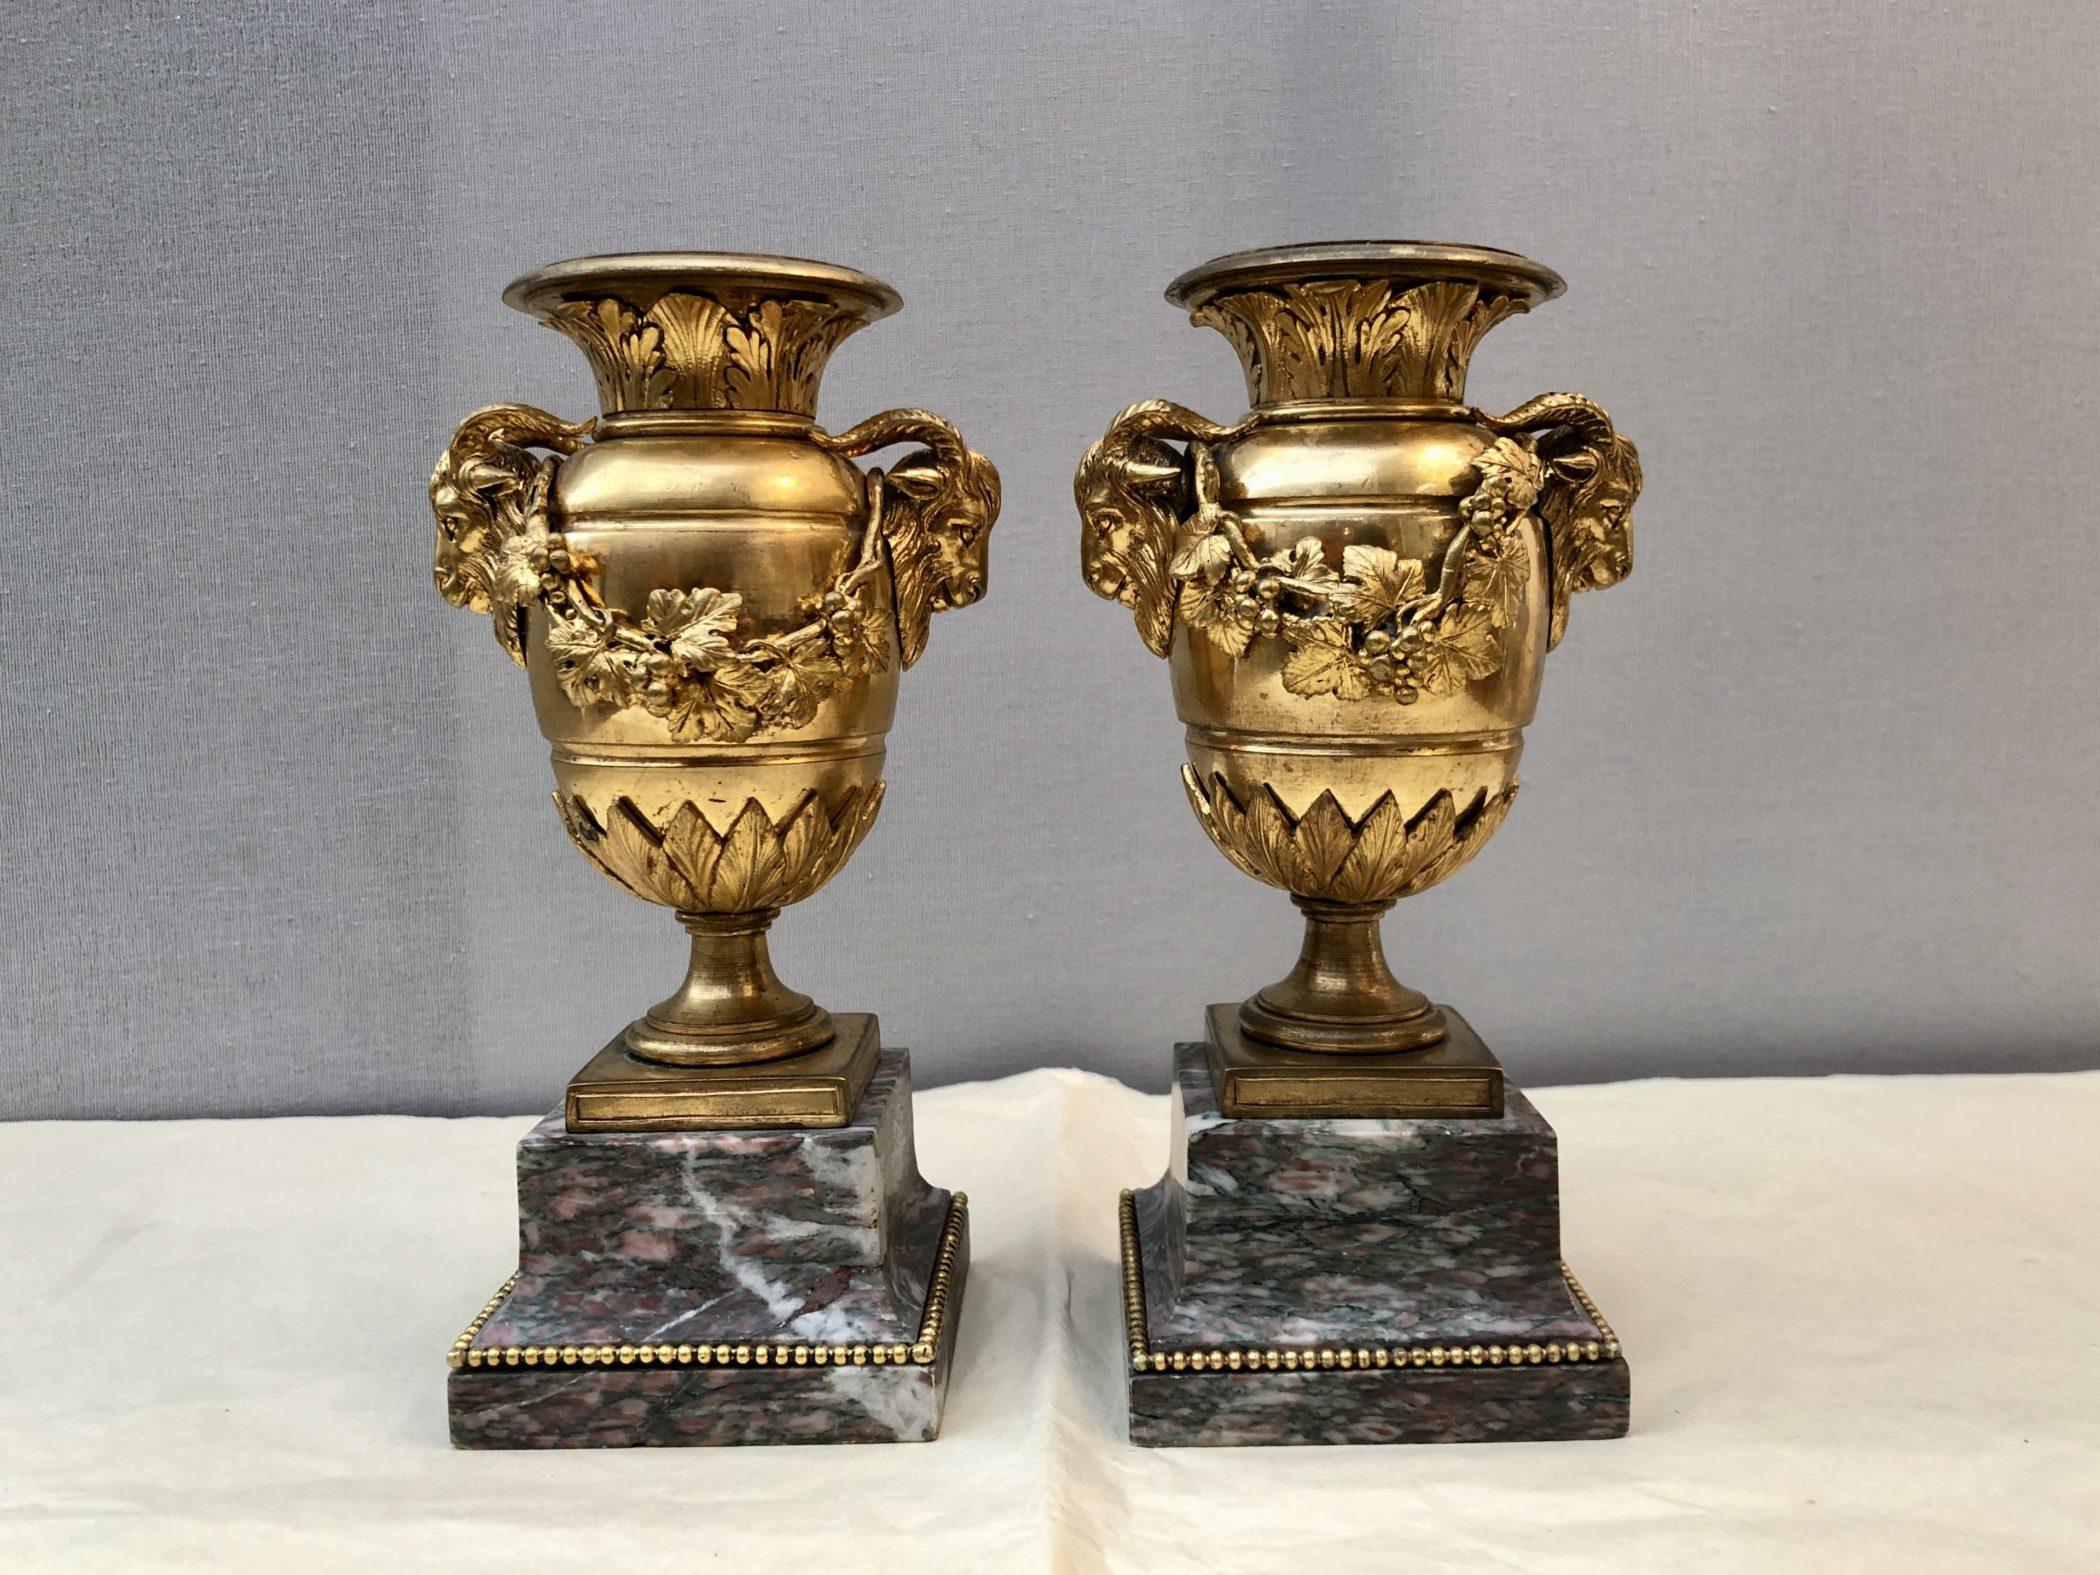 Paire d'urnes en bronze doré style Louis XVI, XIXe siècle